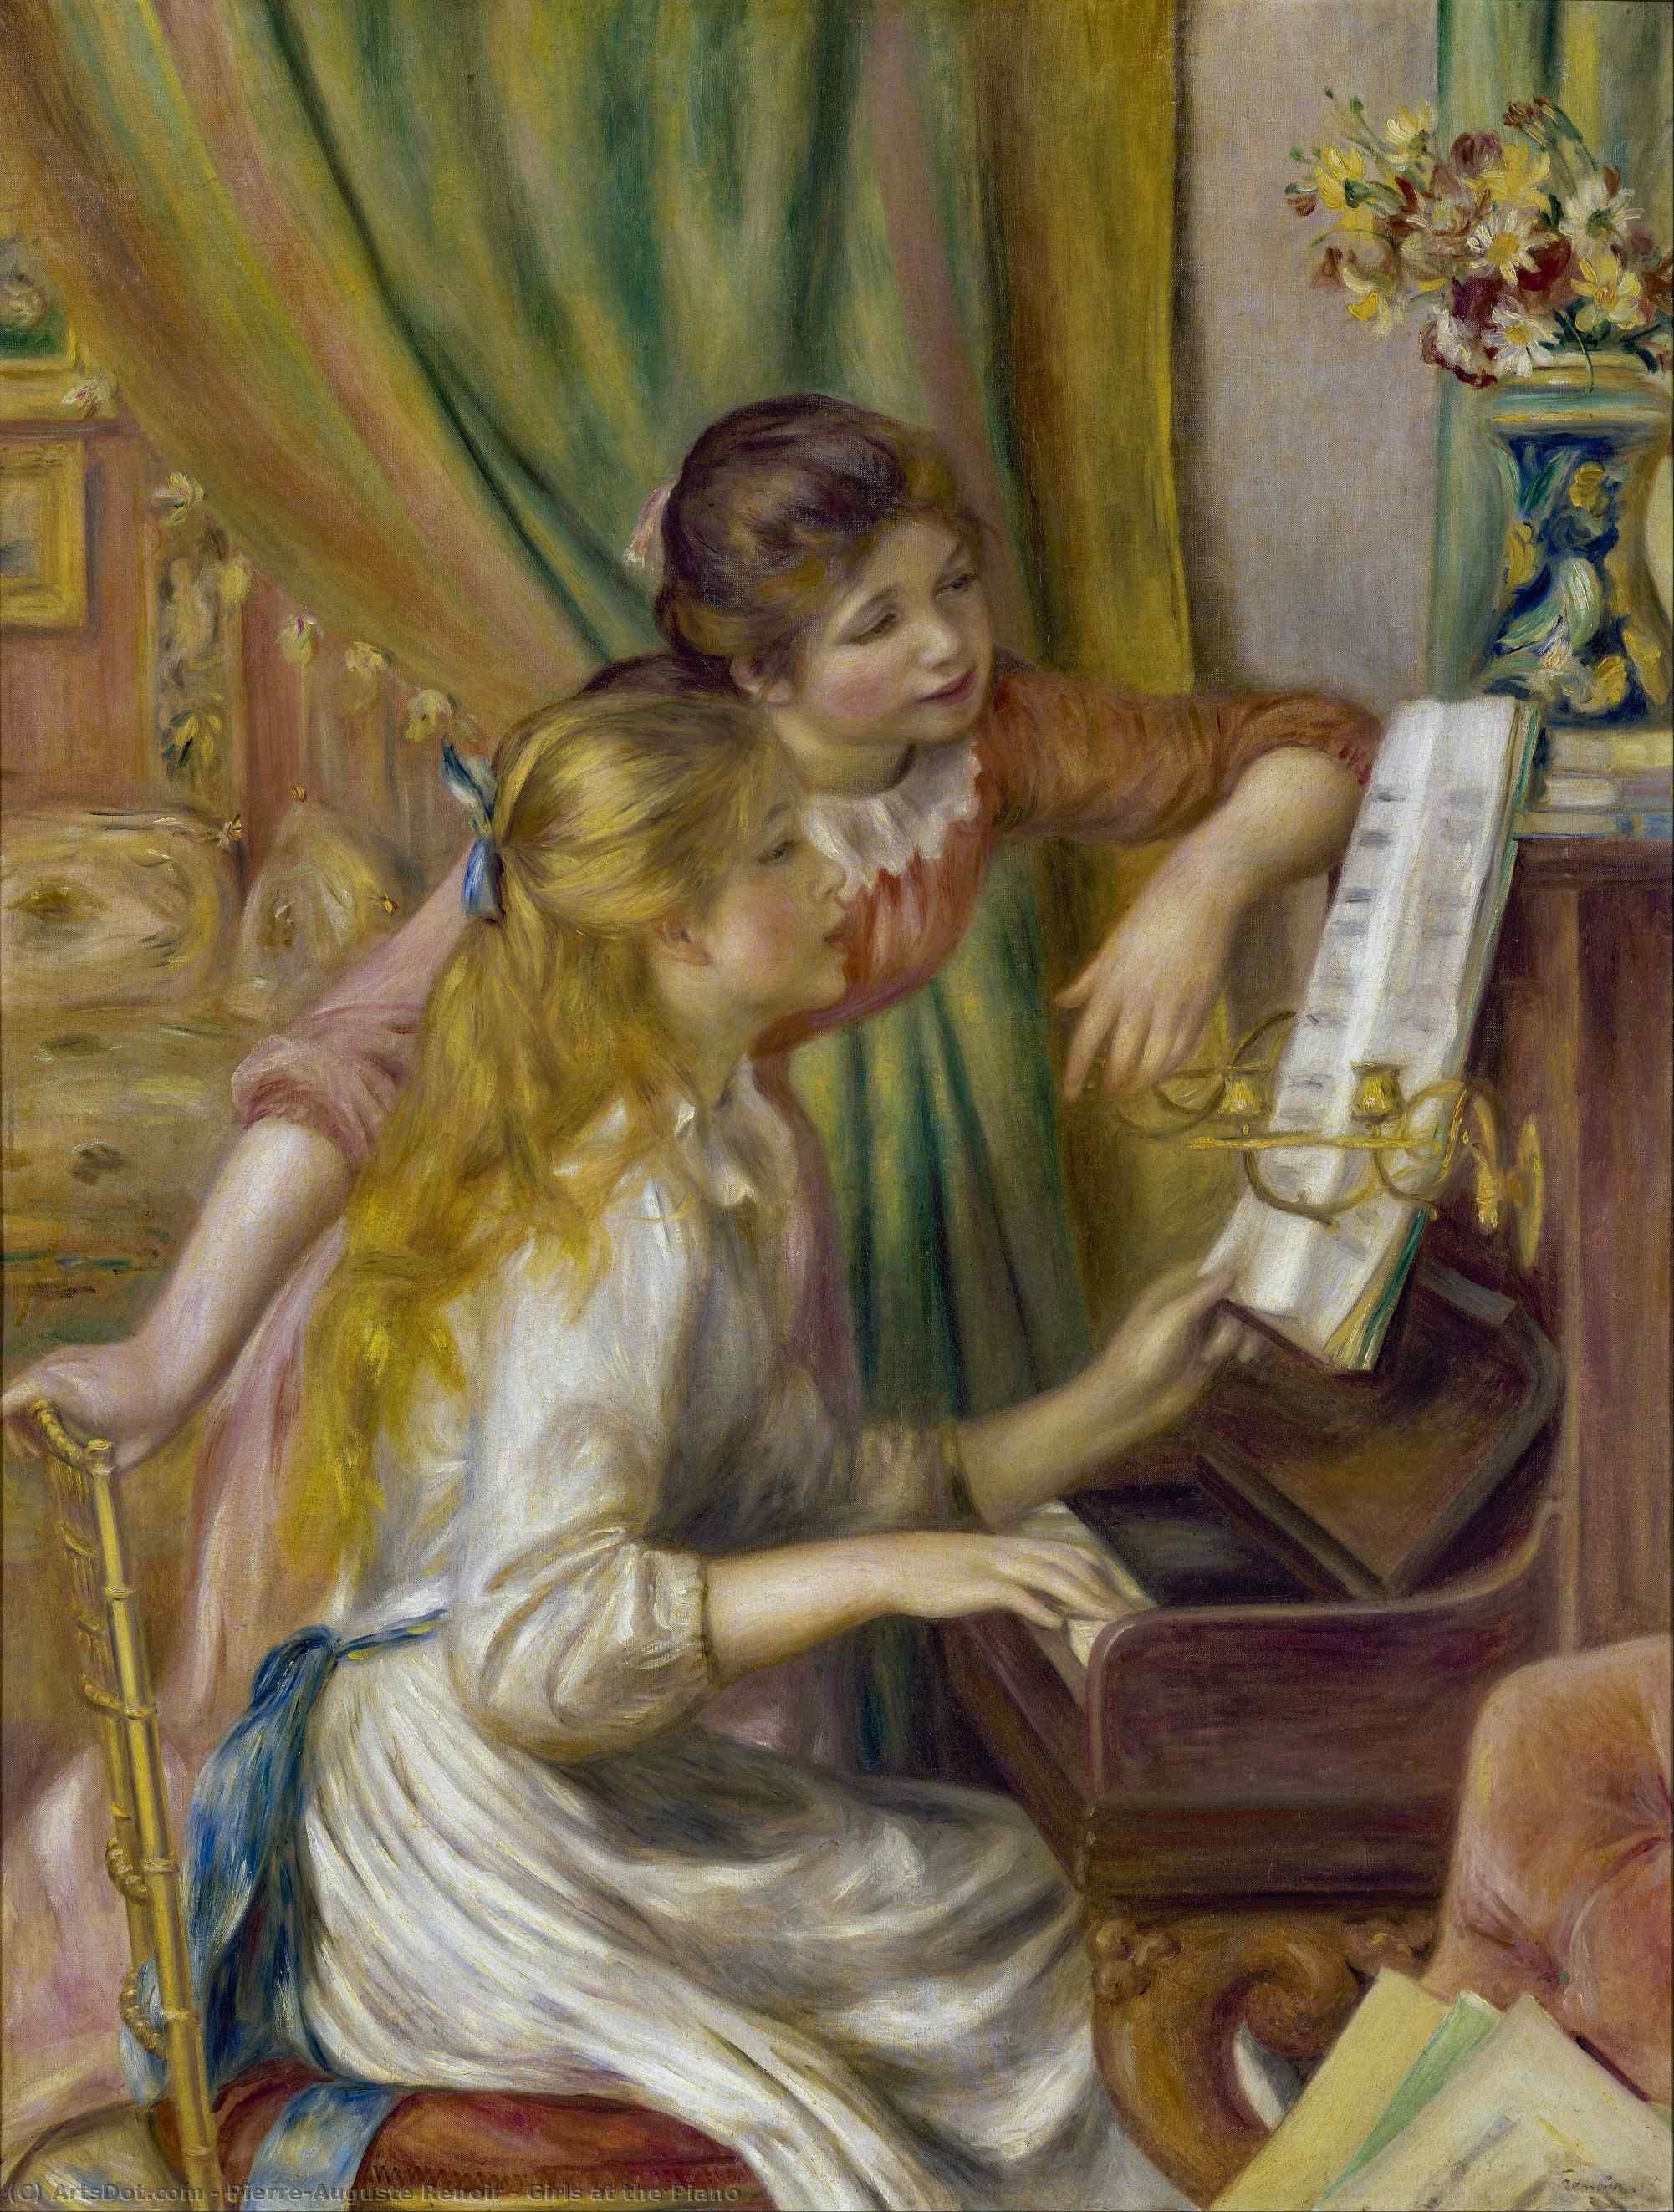 Wikoo.org - موسوعة الفنون الجميلة - اللوحة، العمل الفني Pierre-Auguste Renoir - Girls at the Piano